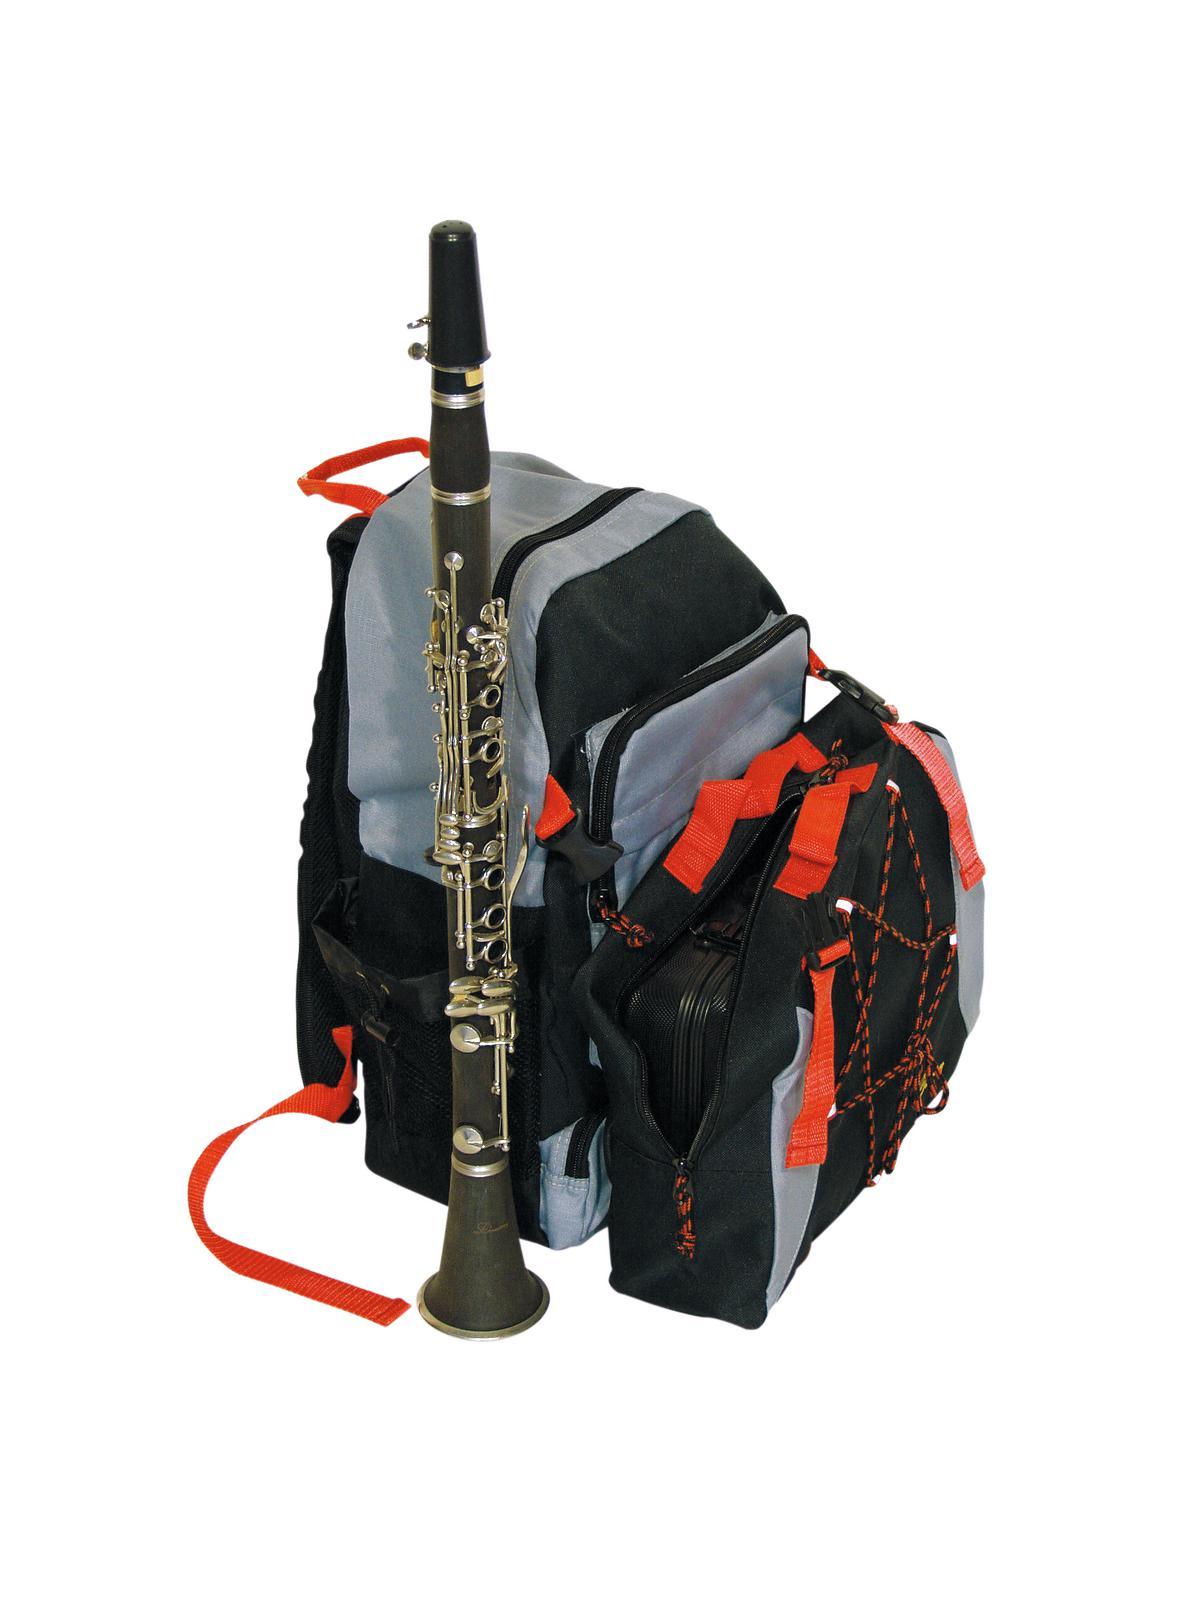 Speciale-zaino per Clarinetto o flauto, nero antracite e rosso, DIMAVERY